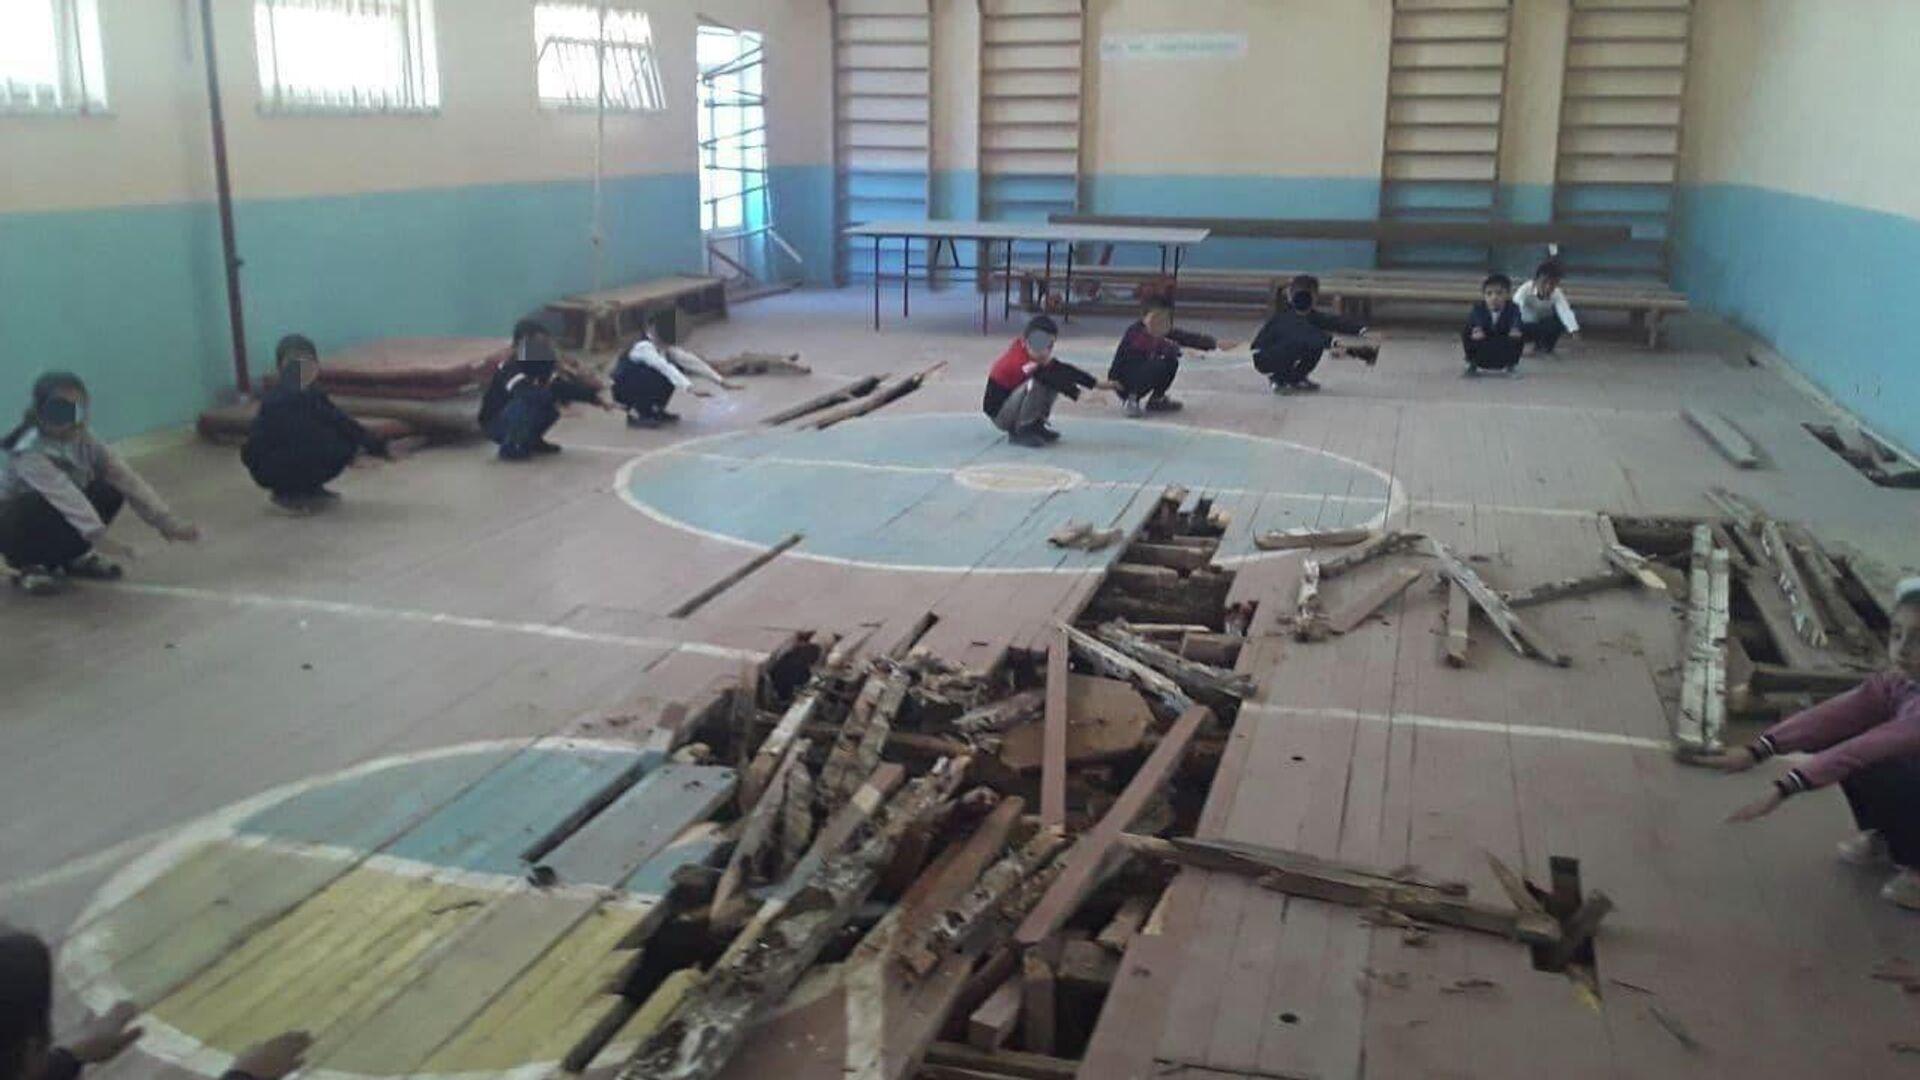 В Кашкадарье ученики школы занимаются физкультурой на прогнившем полу спортзала - Sputnik Ўзбекистон, 1920, 06.10.2021